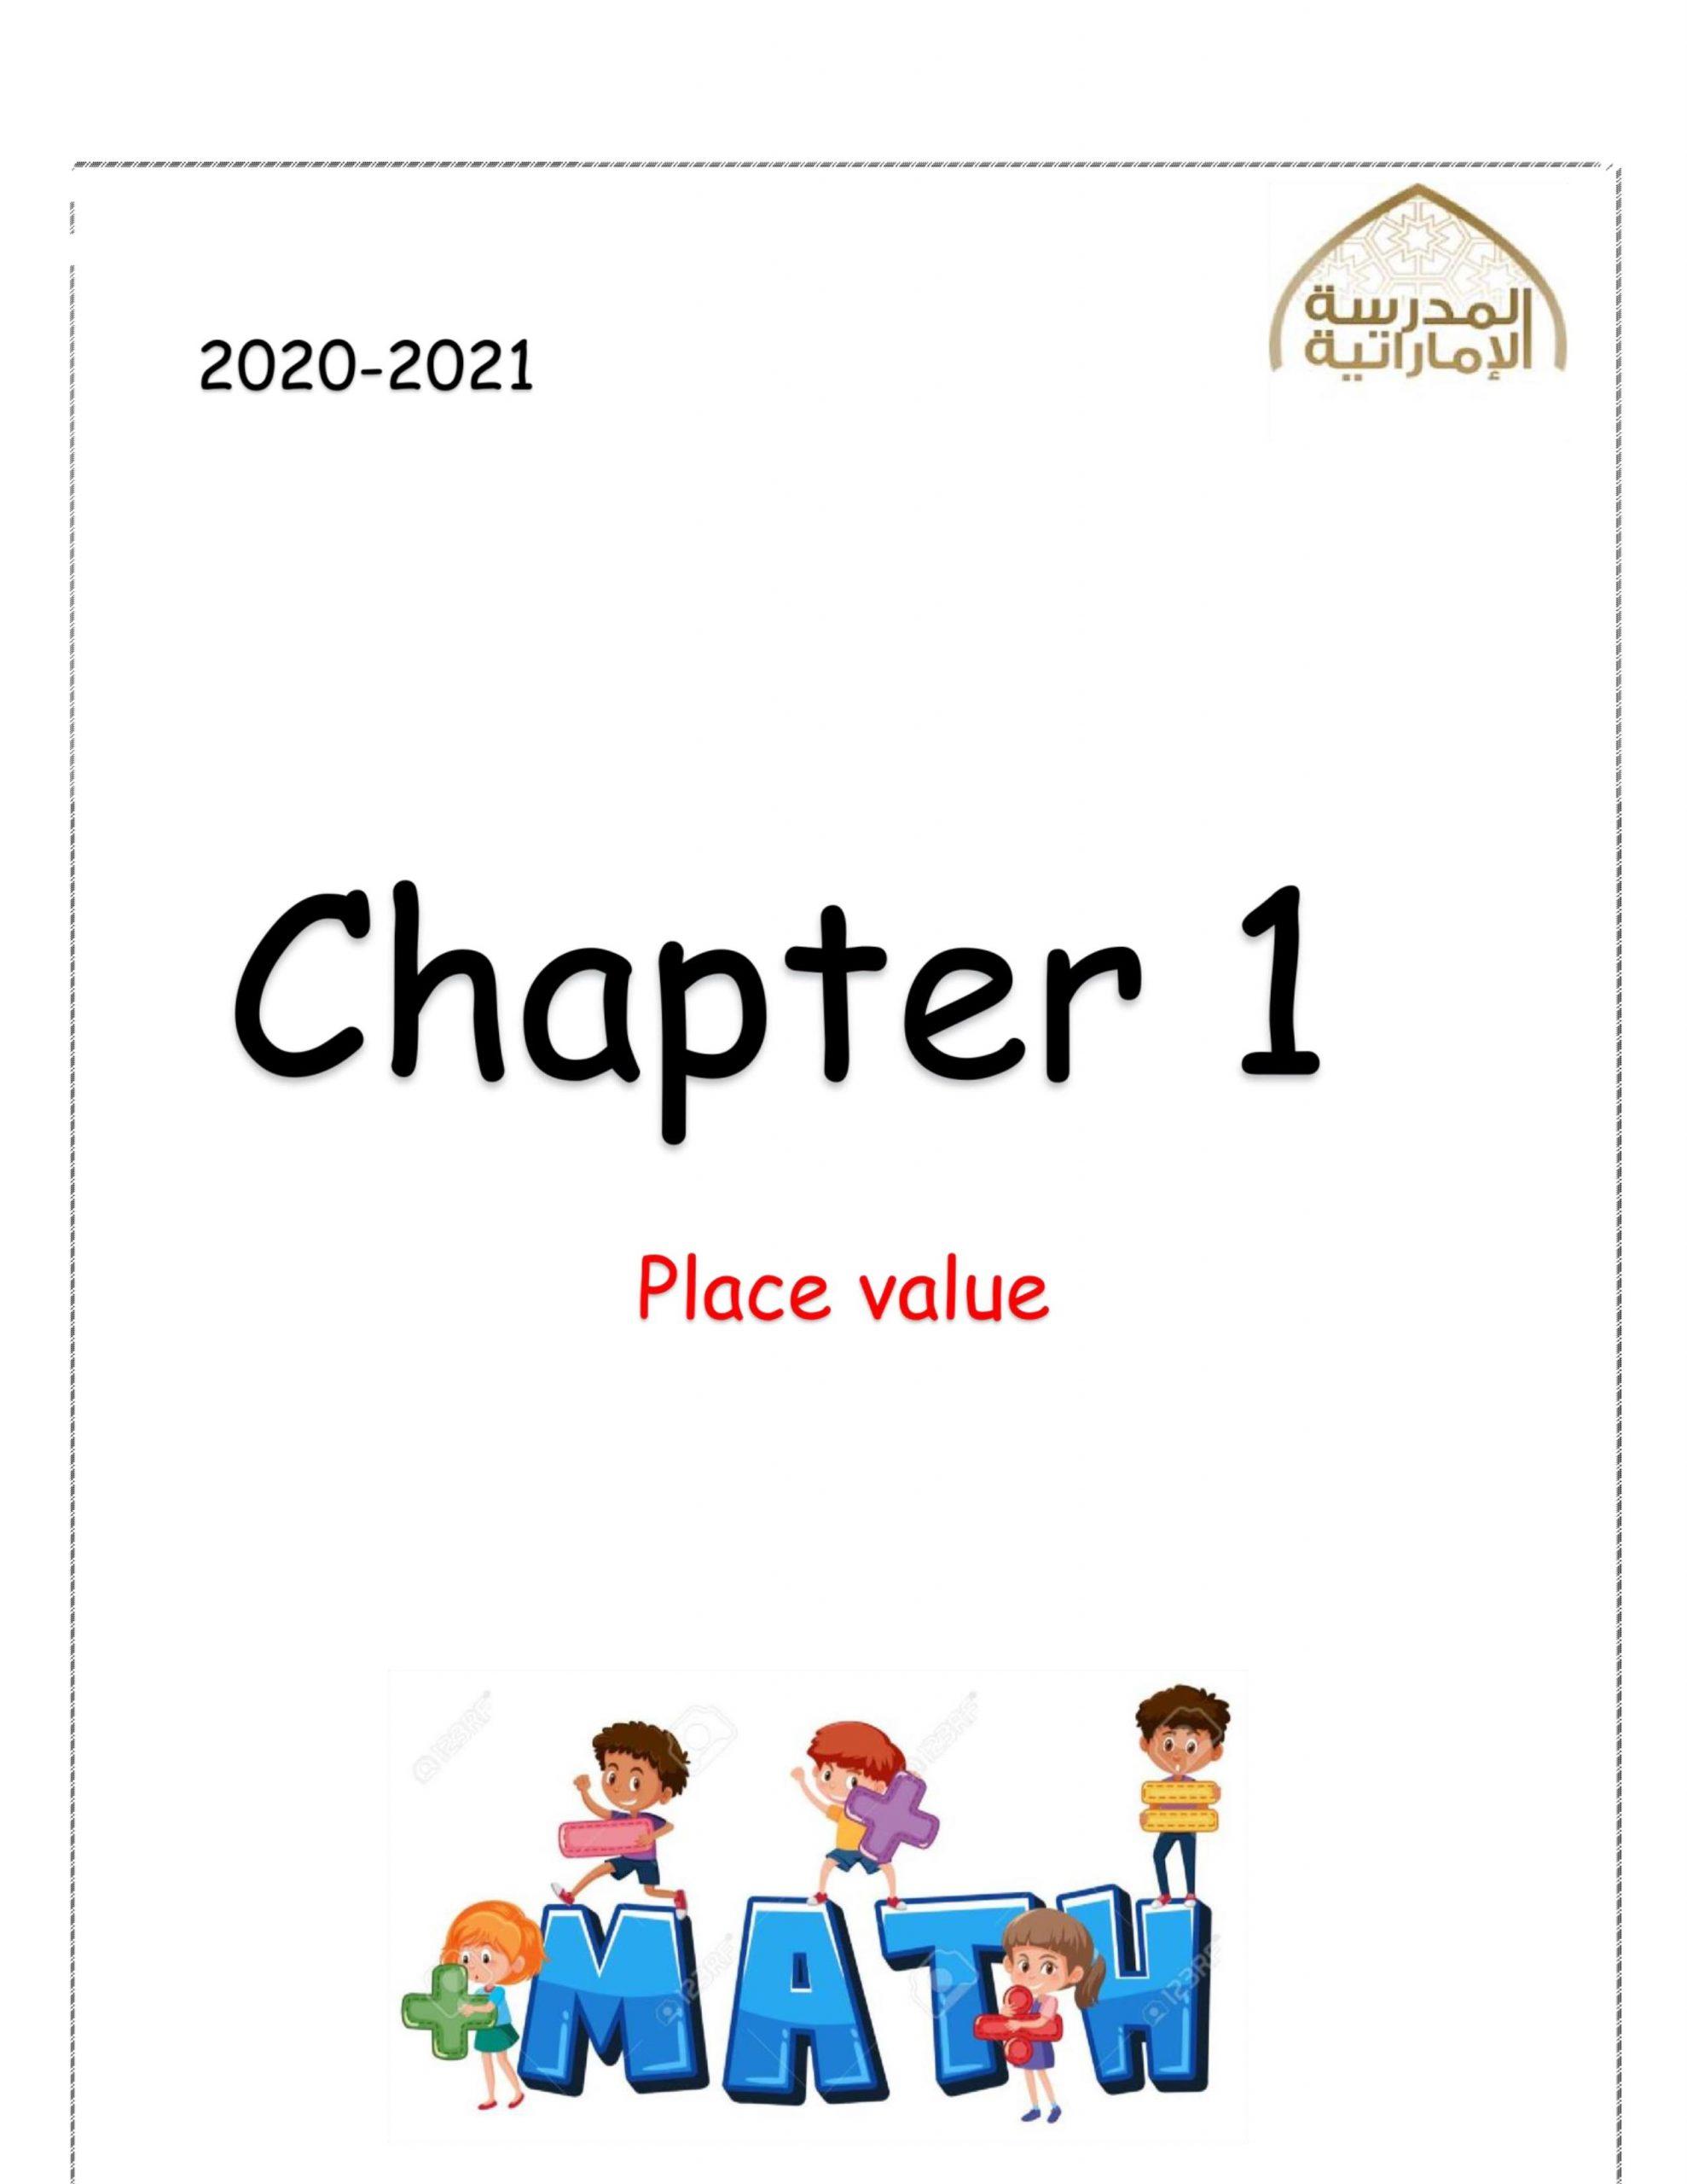 حل اوراق عمل مراجعة بالانجليزي الصف الرابع مادة الرياضيات المتكاملة